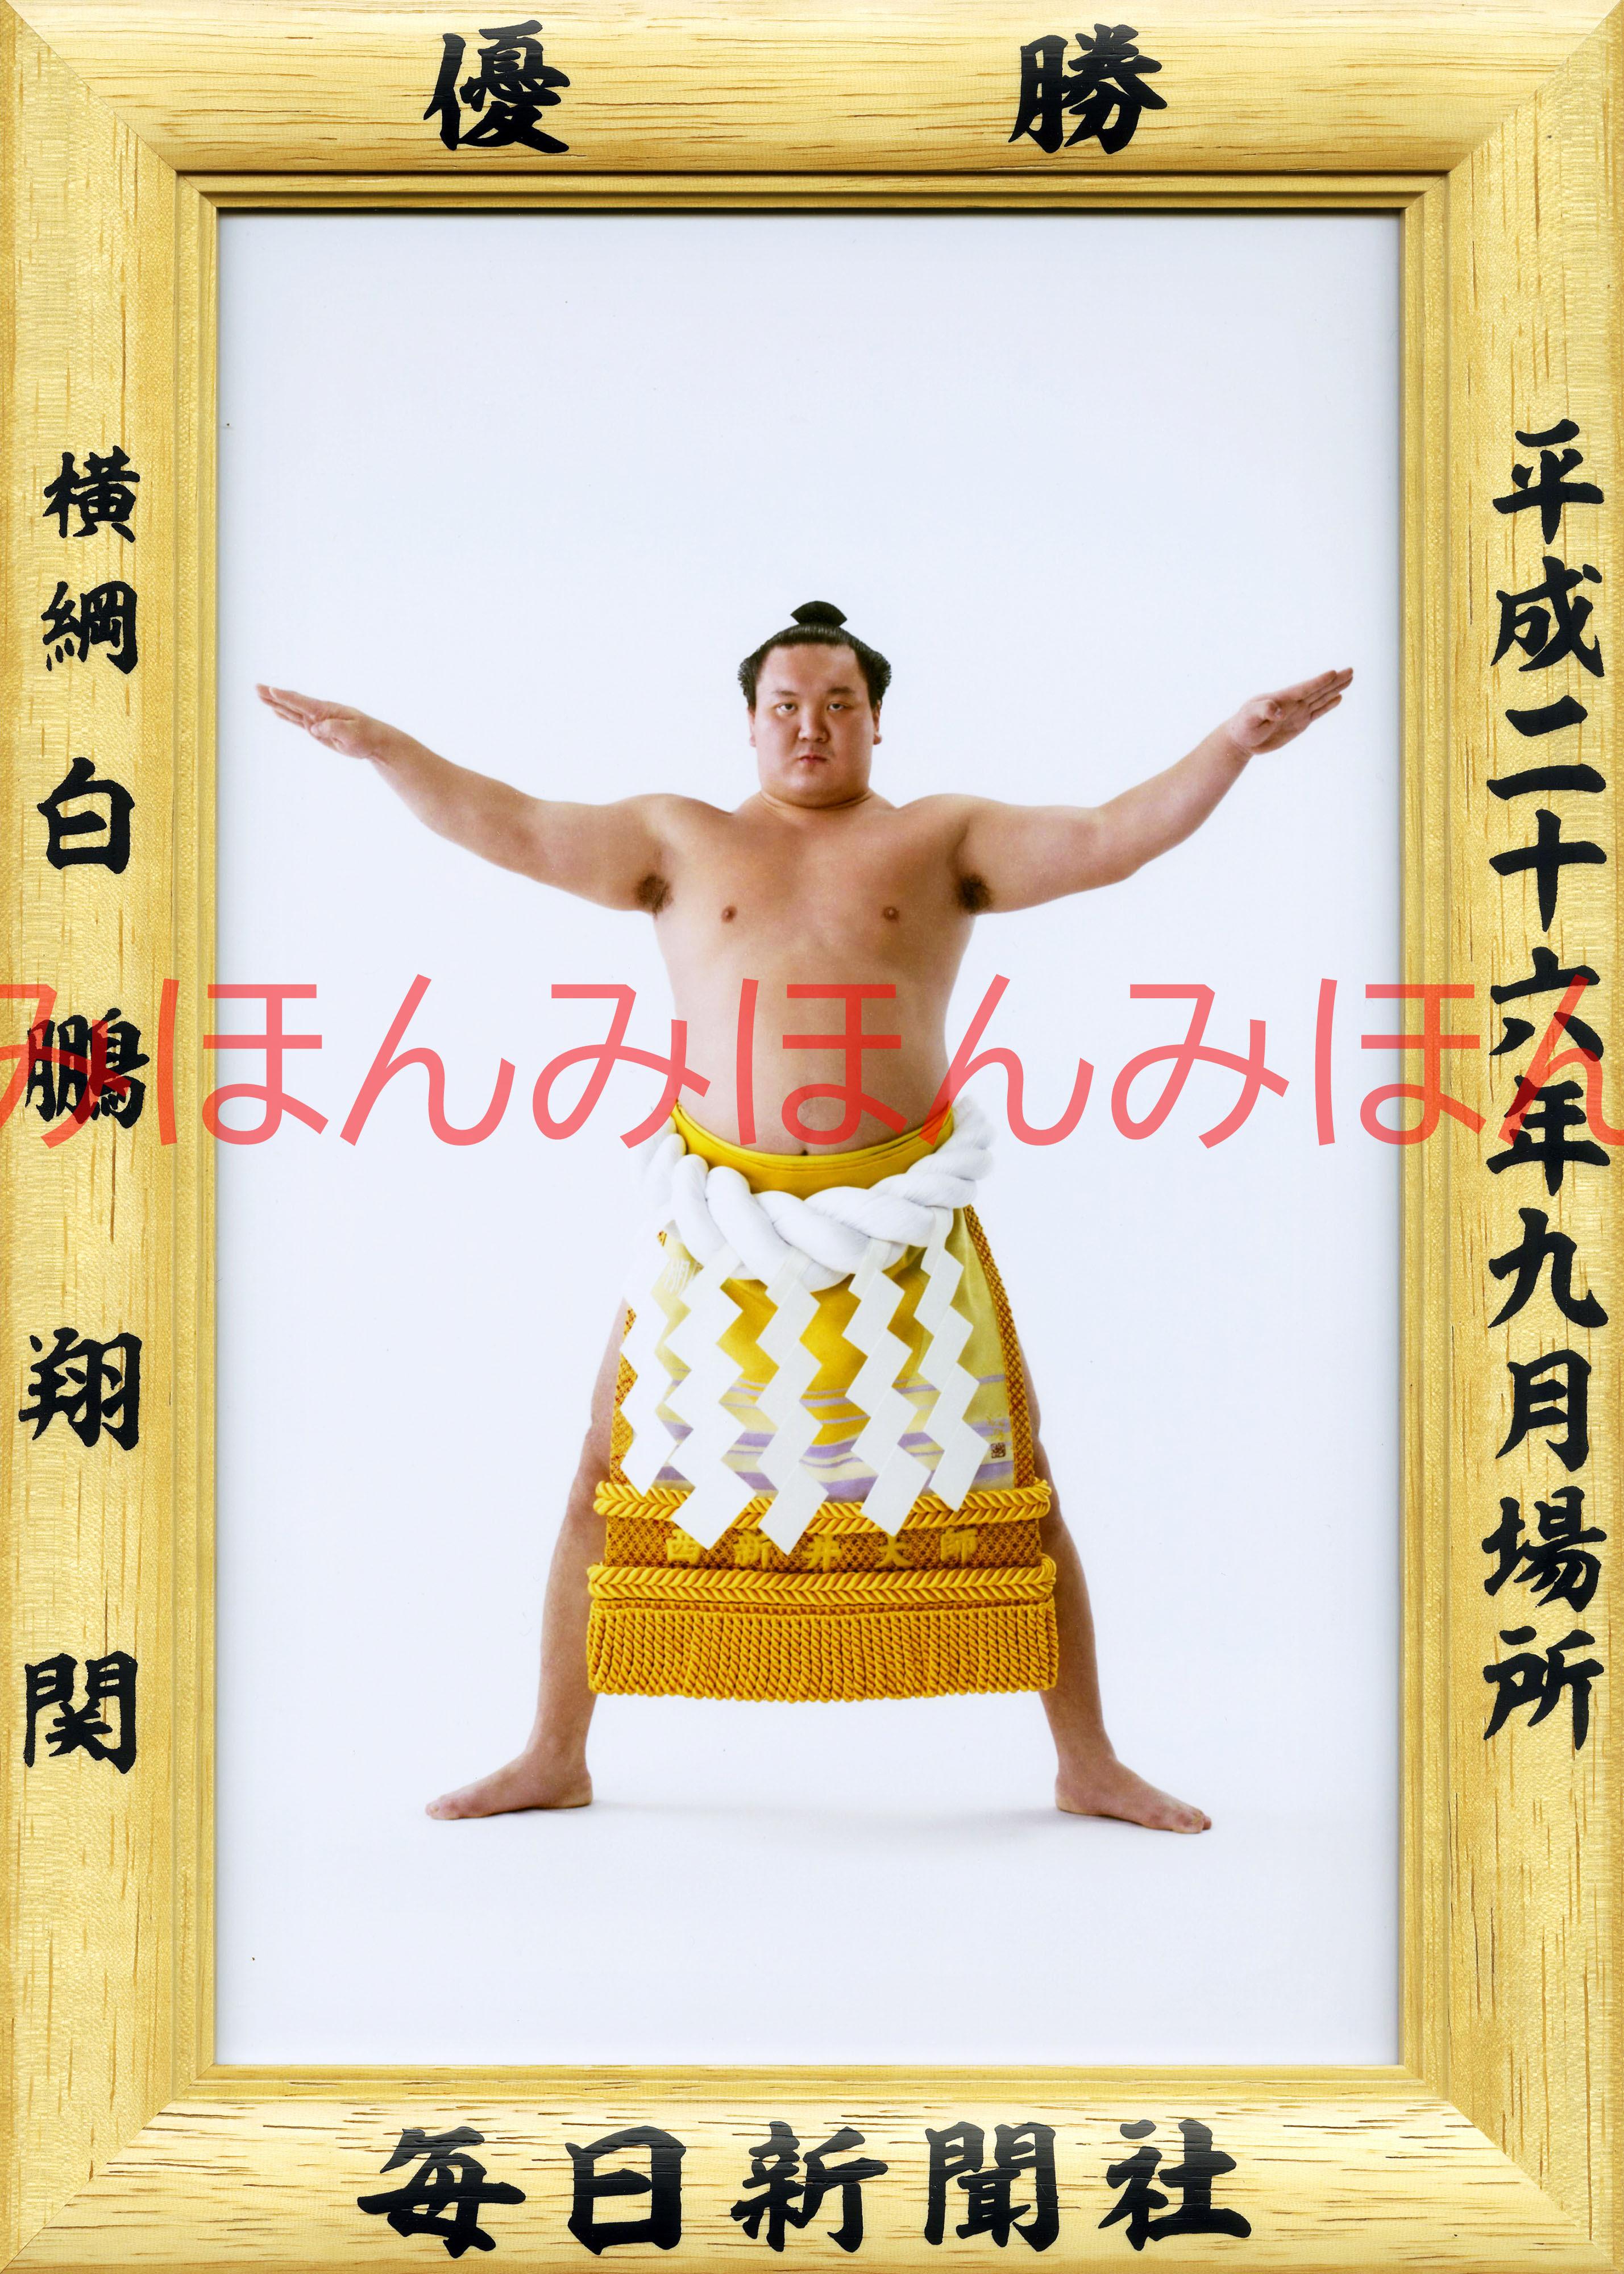 平成26年9月場所優勝 横綱 白鵬翔関(31回目の優勝)